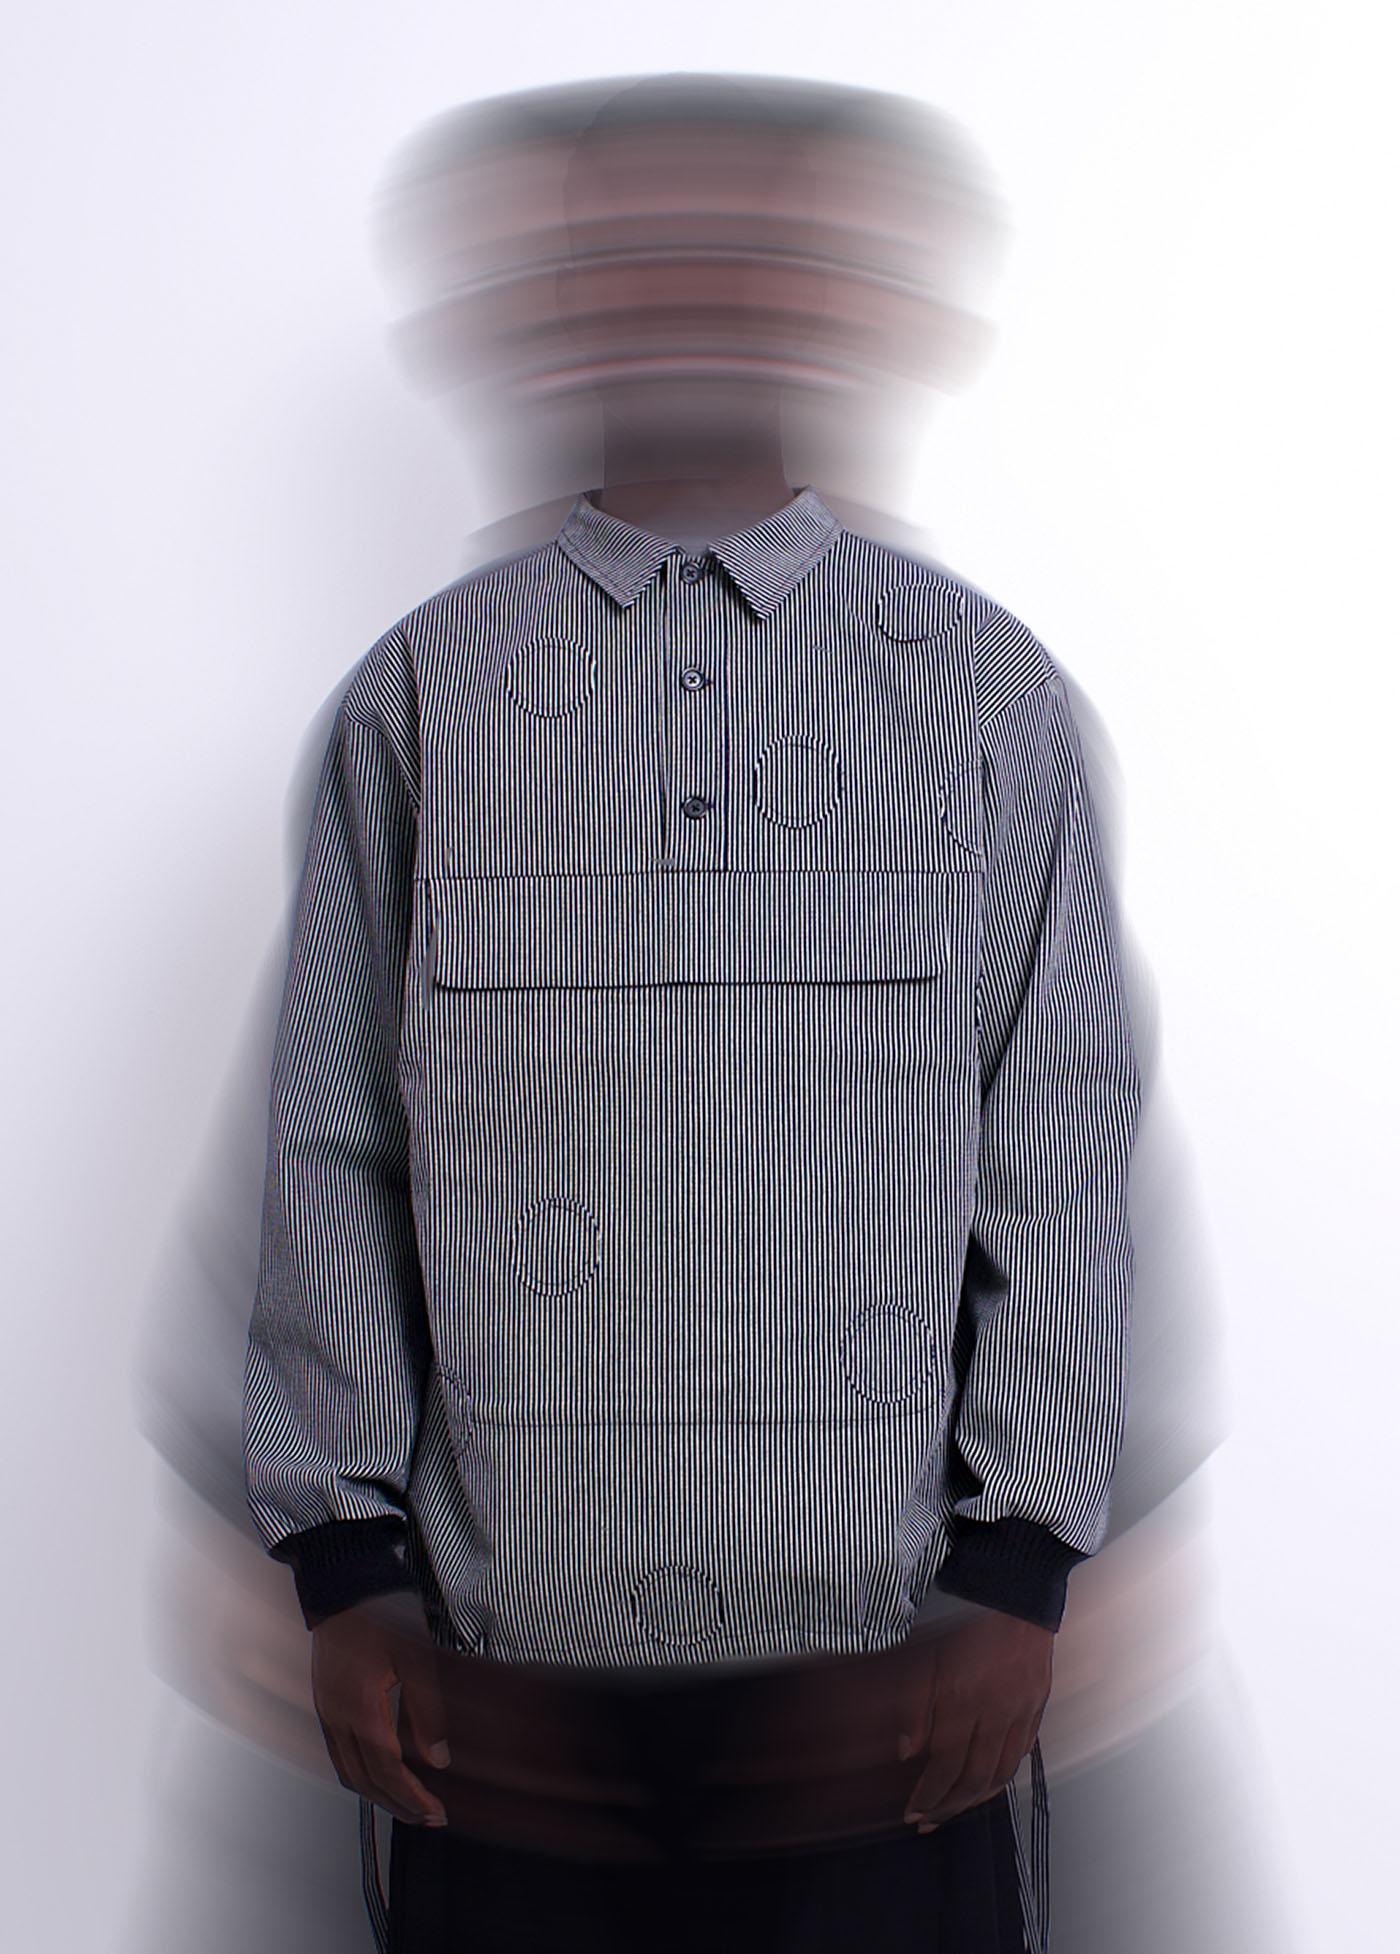 scar-id-alexandra-moura-ss21-sweater-camisola-anda-1